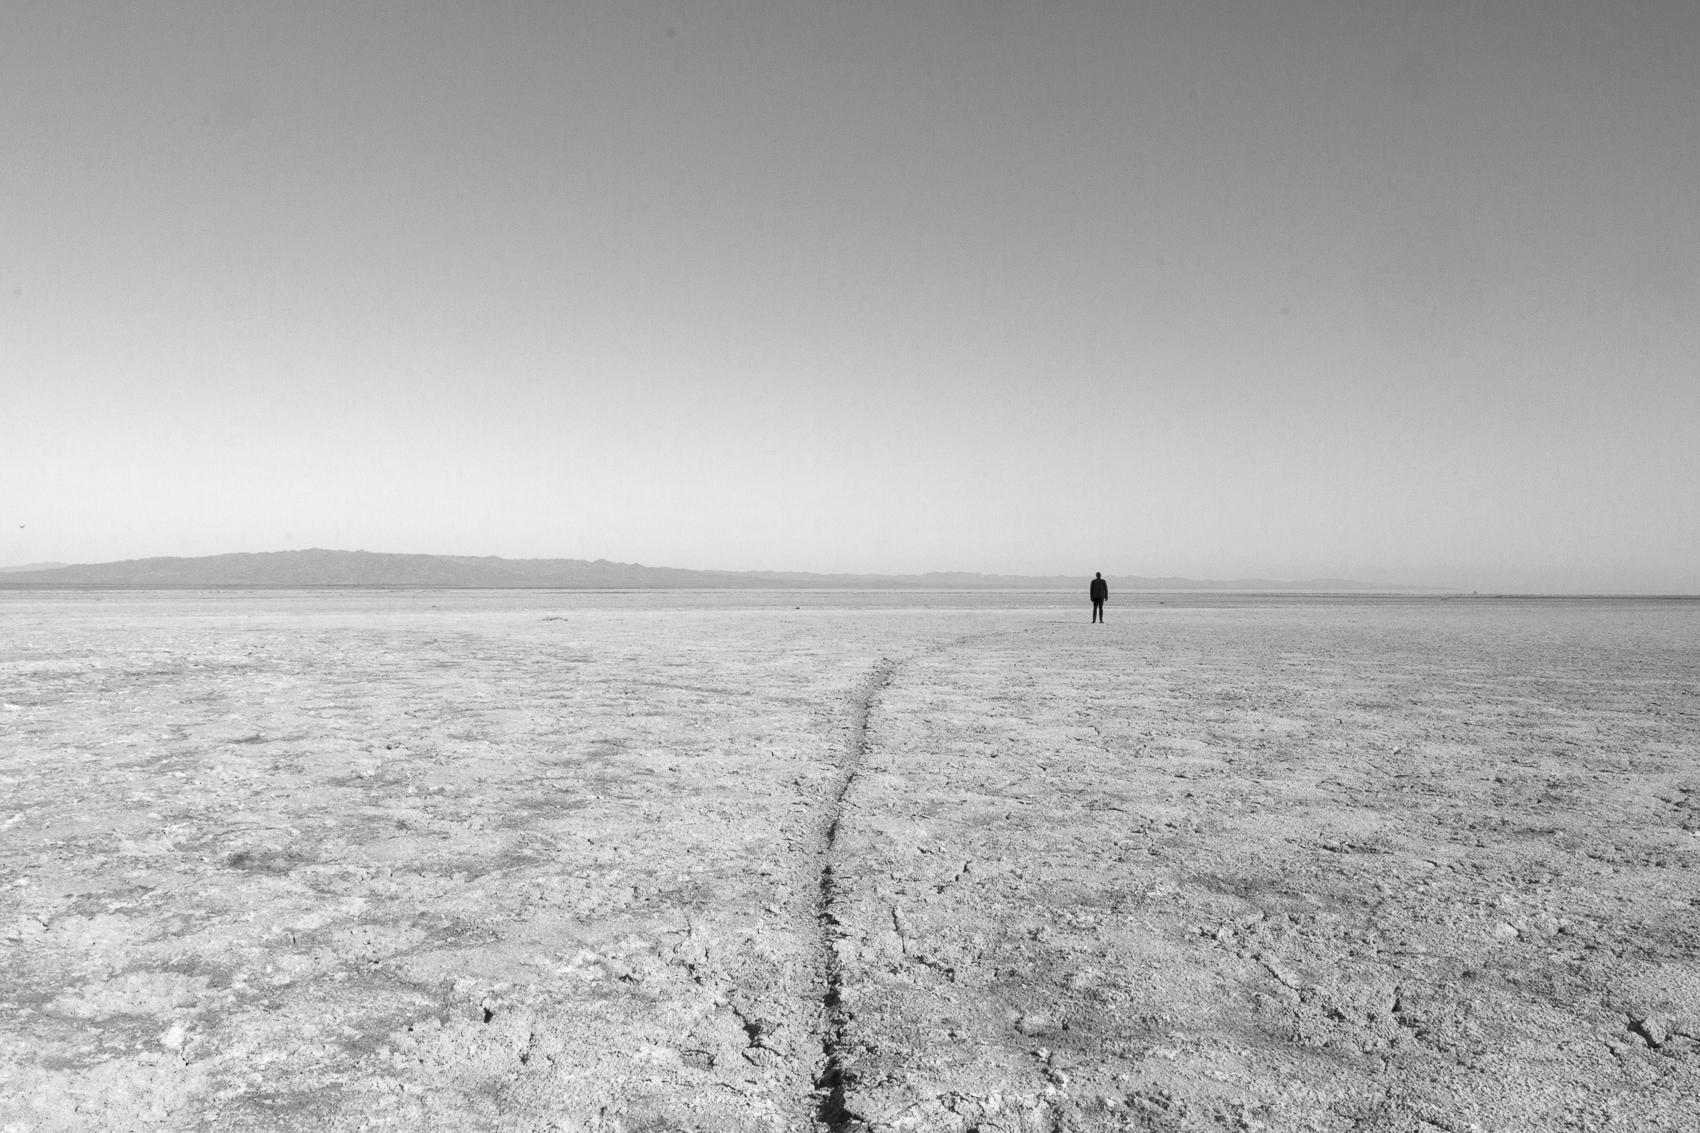 Self Portrait, Salton Sea, Salton Sea, 2016